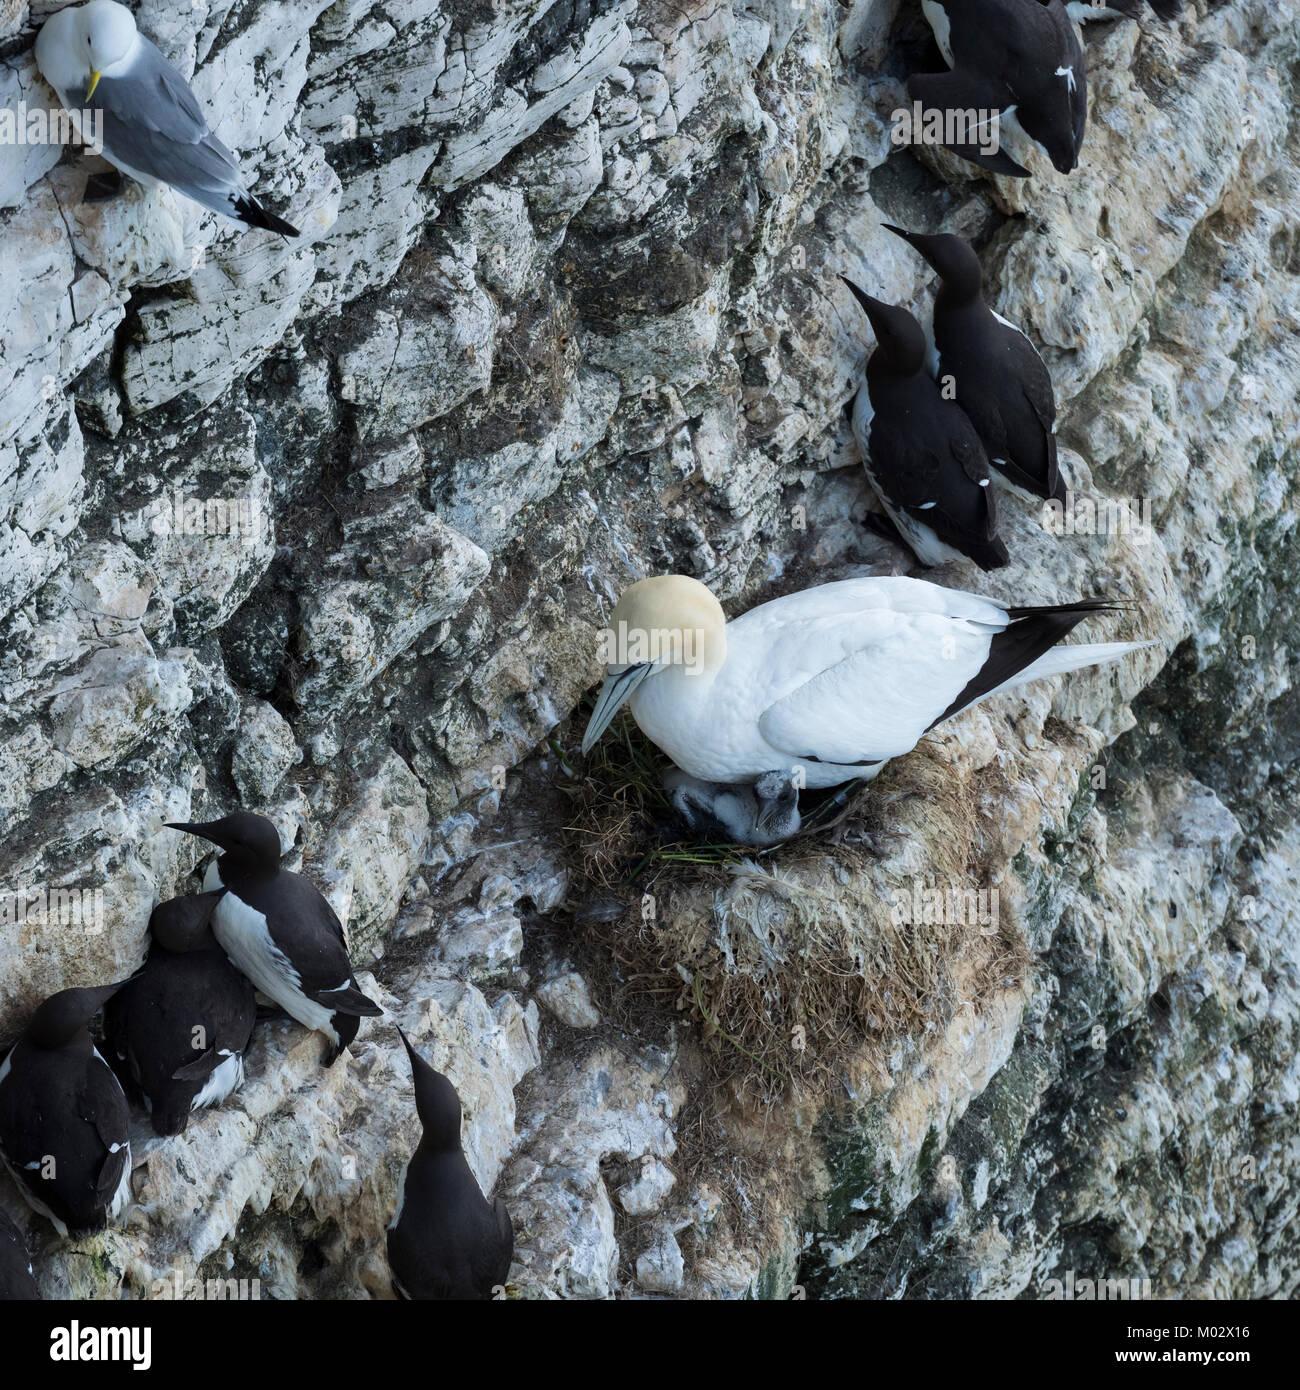 Single Gannett sitzen auf Nest mit Küken, auf Kreidefelsen Seite mit trottellummen nisten in der Nähe Stockbild